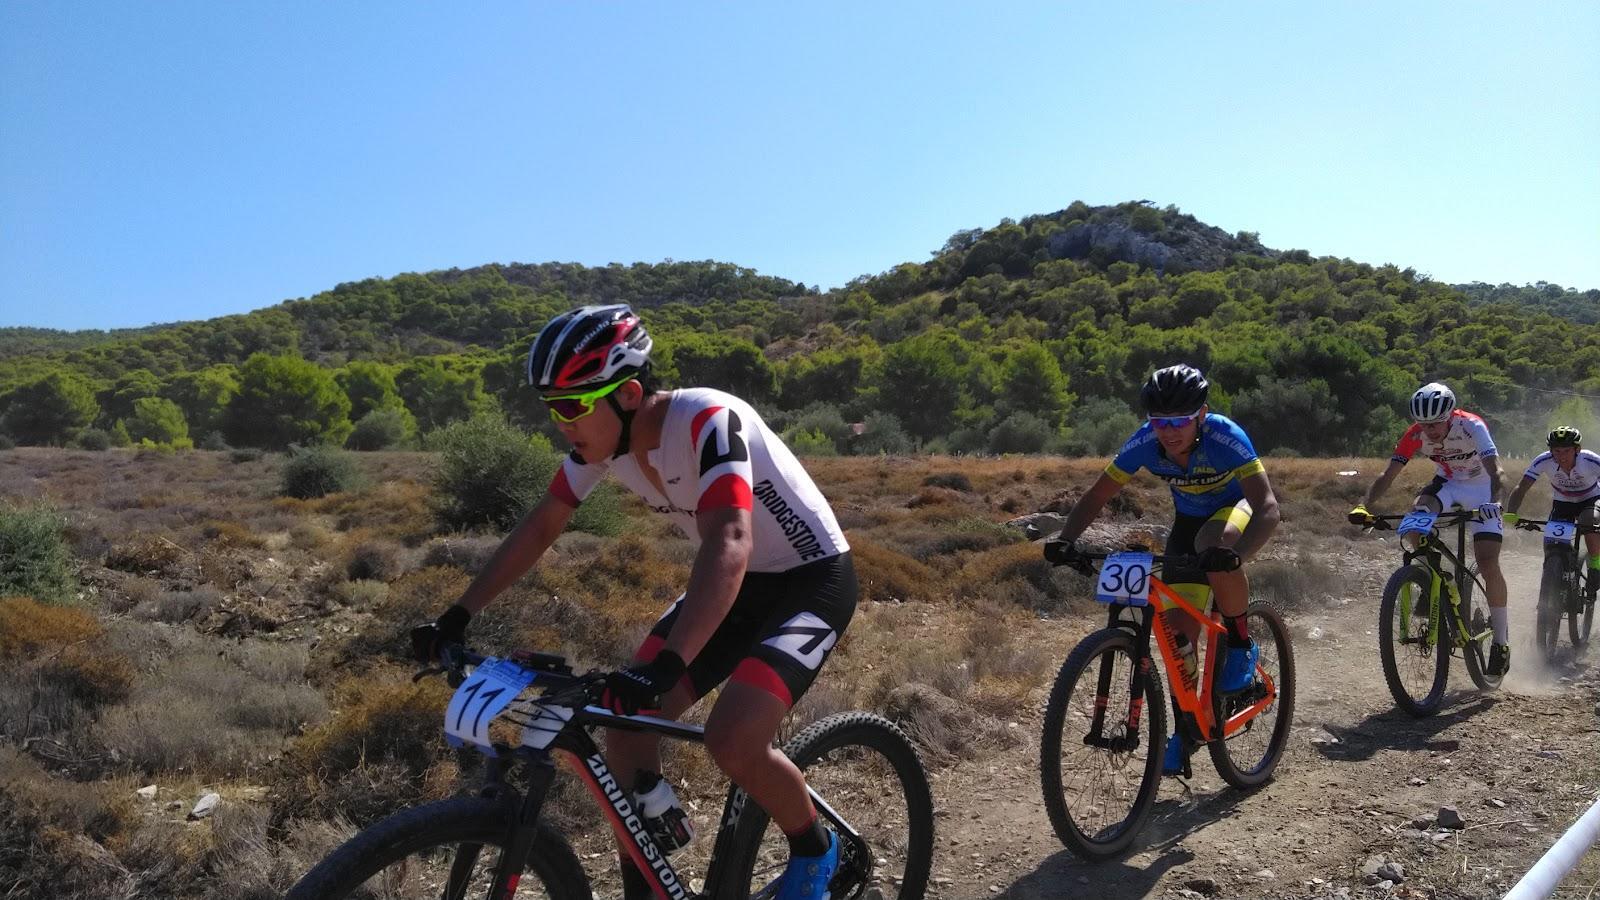 【MTB ギリシャ 】UCI-S2ステージレースにて沢田、平野ともにUCIポイント獲得